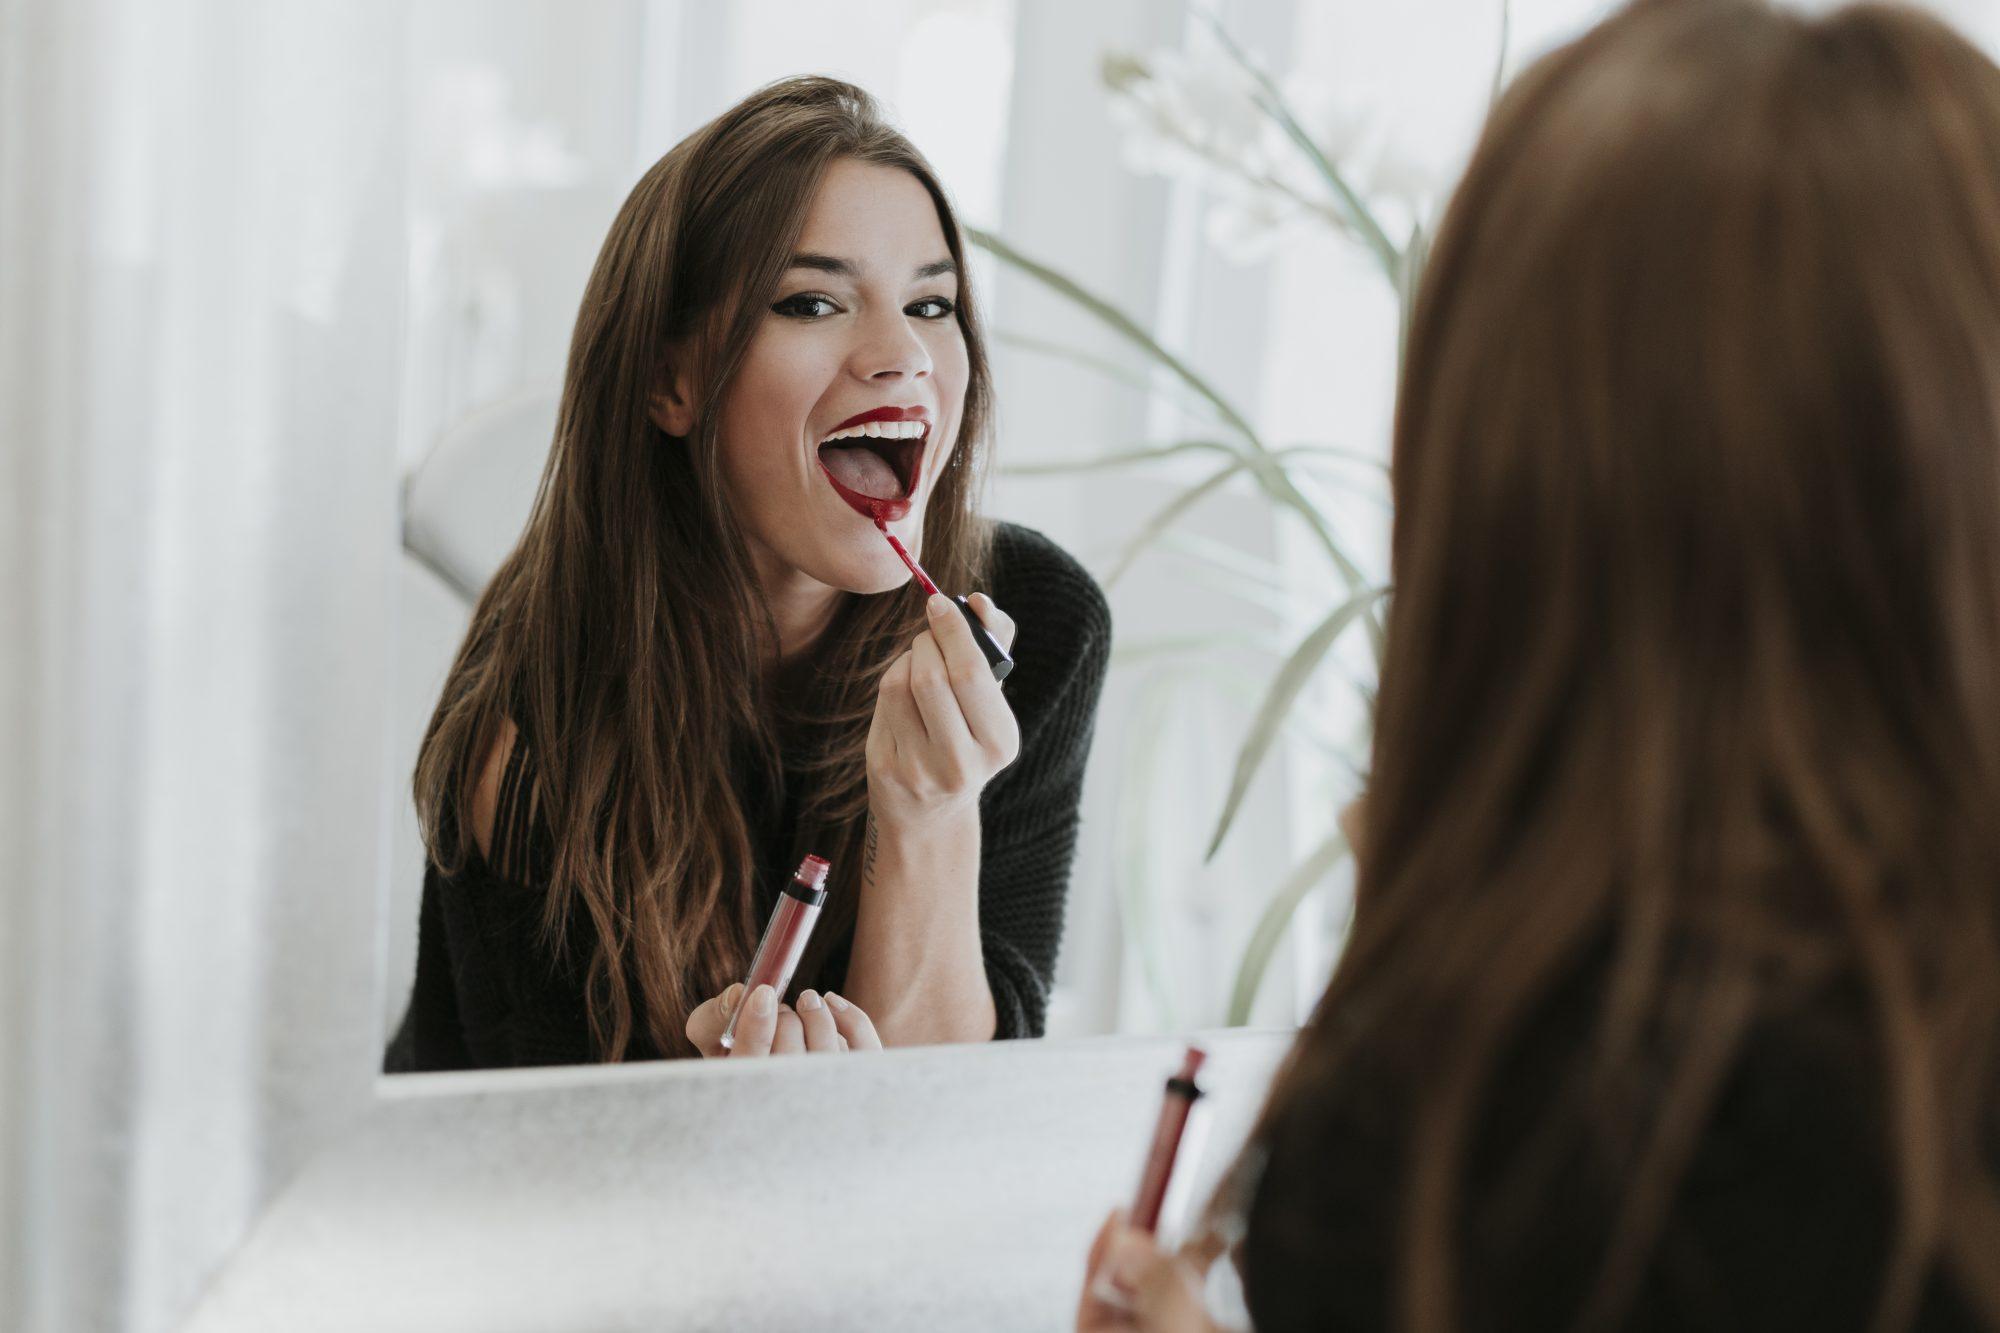 Mujer pintándose labios pintalabios espejo